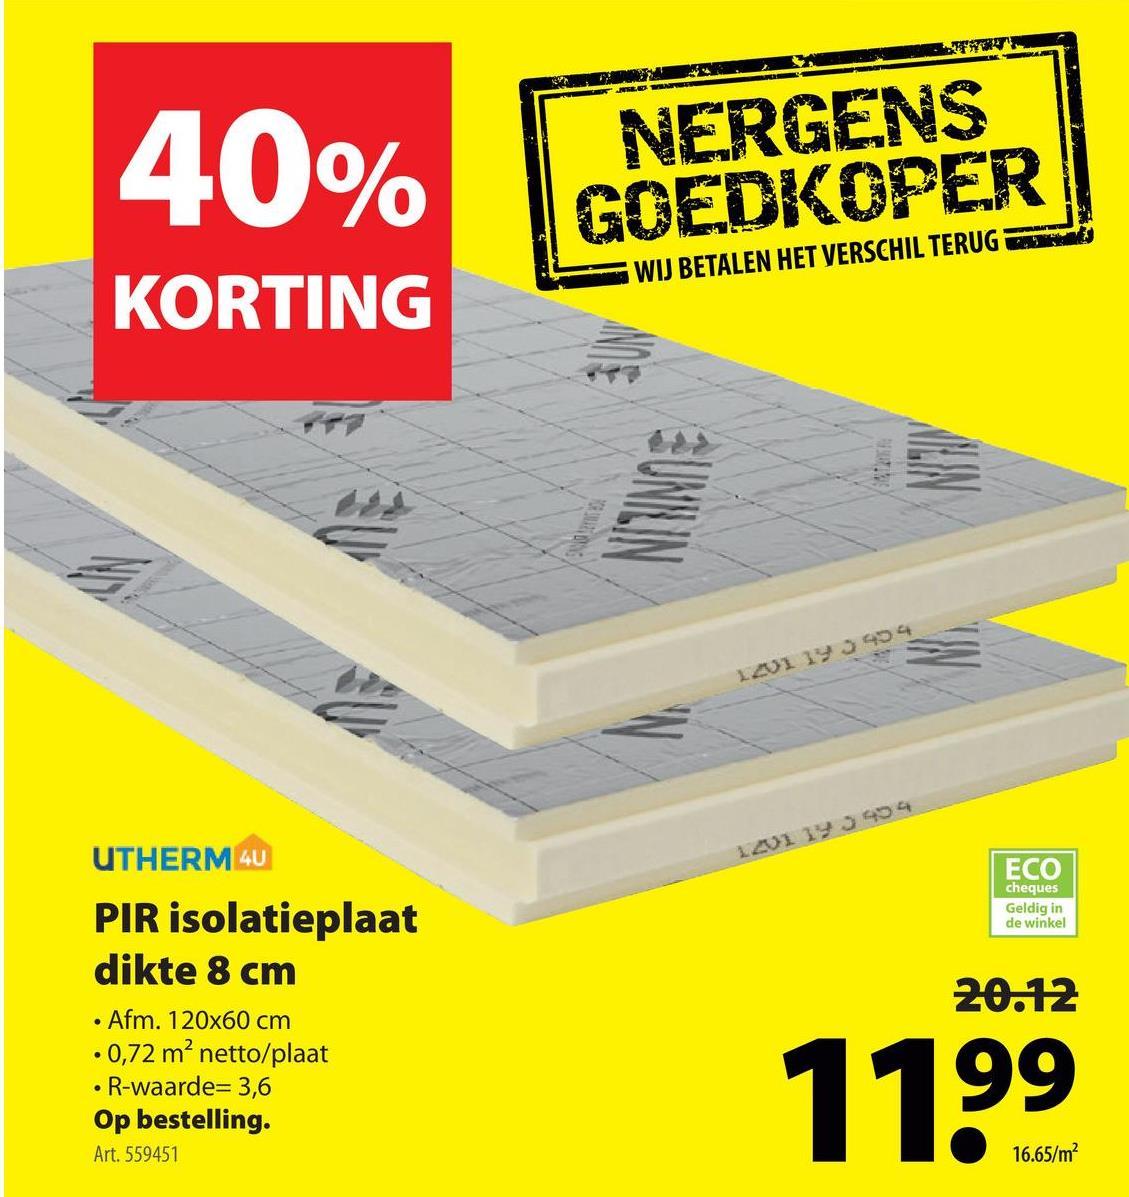 XTRATHERM PIR 120x 60 cm dikte 8,2 cm tg R=3,70 Het PIR isolatiemateriaal van Xtratherm is uitermate geschikt voor de isolatie van je renovatieproject en nieuwbouw. Deze dubbelzijdig beklede plaat met tanden en groeven van 120 op 60 cm en 82 mm dik kan je gebruiken om je daken, vloeren en spouwen te isoleren tegen water, warmte en brand. En de R-waarde? Die bedraagt 3,7.